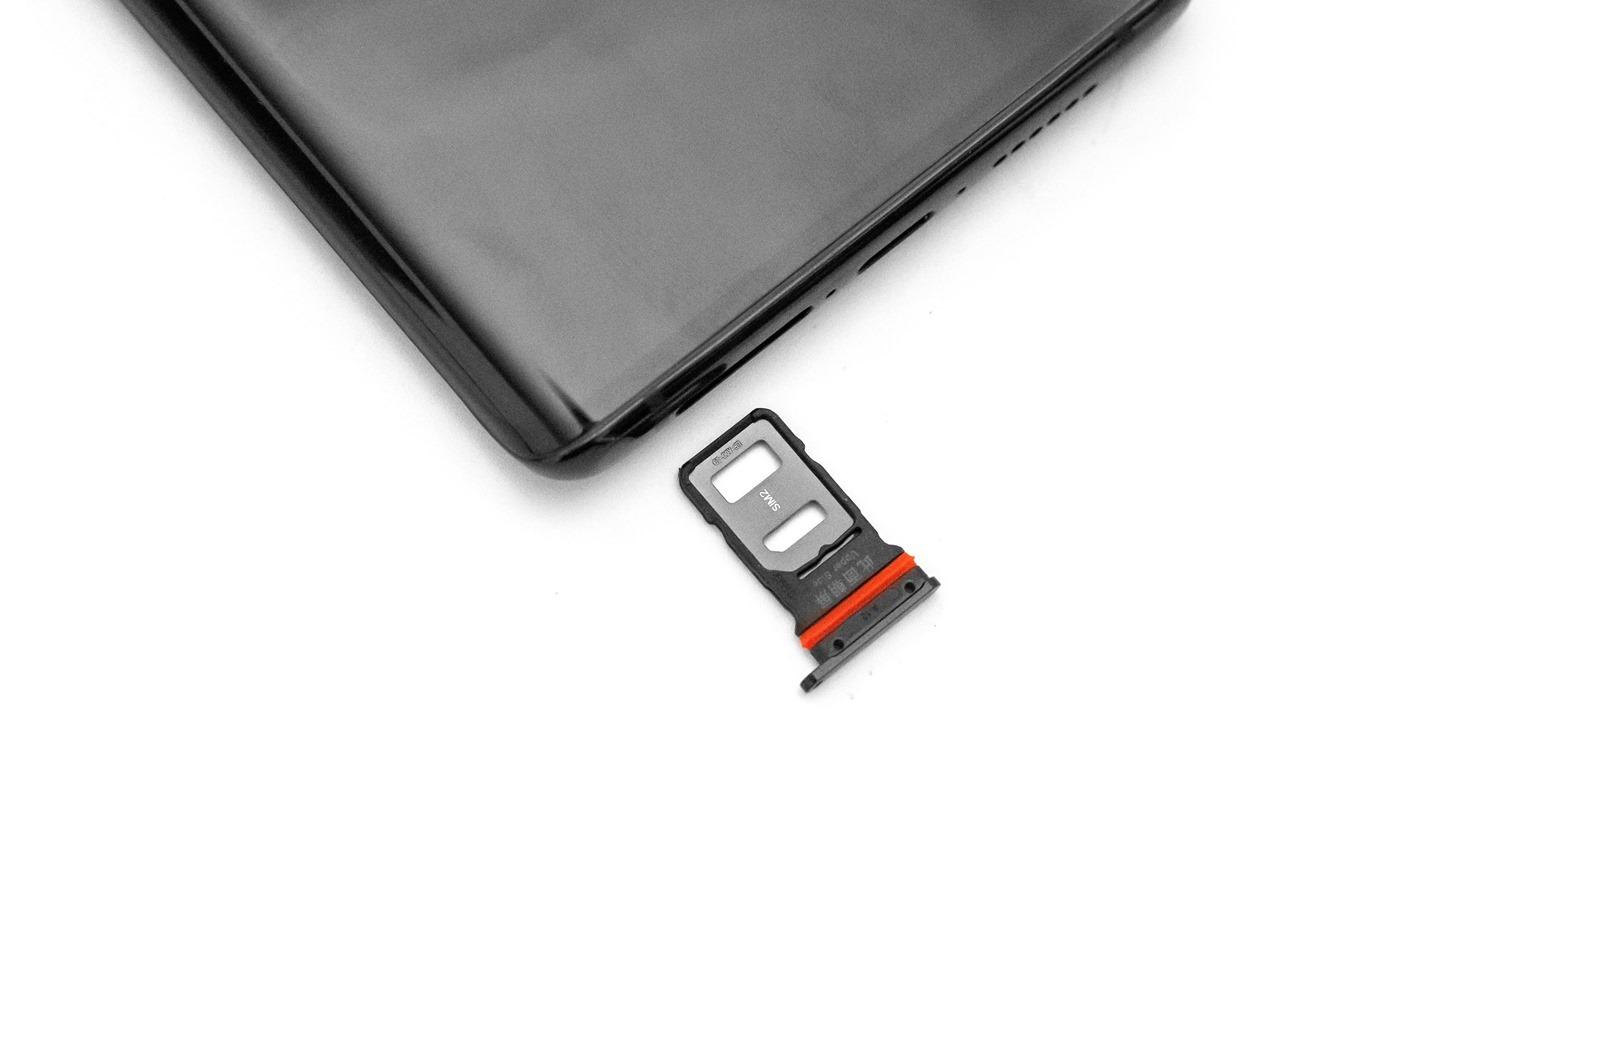 繼續面向未來!vivo NEX3 5G 帶來雙曲面瀑布無邊界螢幕的首款 5G 手機!完整開箱 / 相機實測實拍 / 性能電力測試 @3C 達人廖阿輝